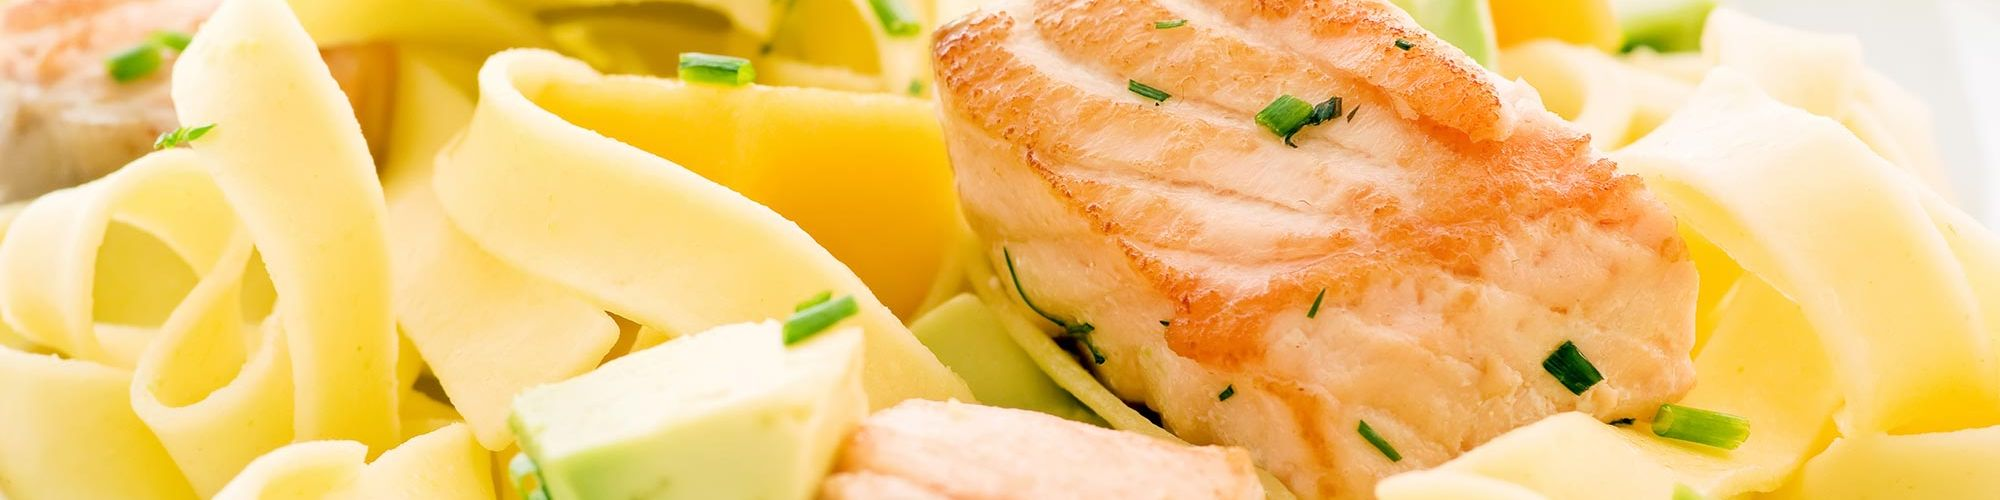 ricetta Tagliatelle al salmone e avocado con pasta fresca